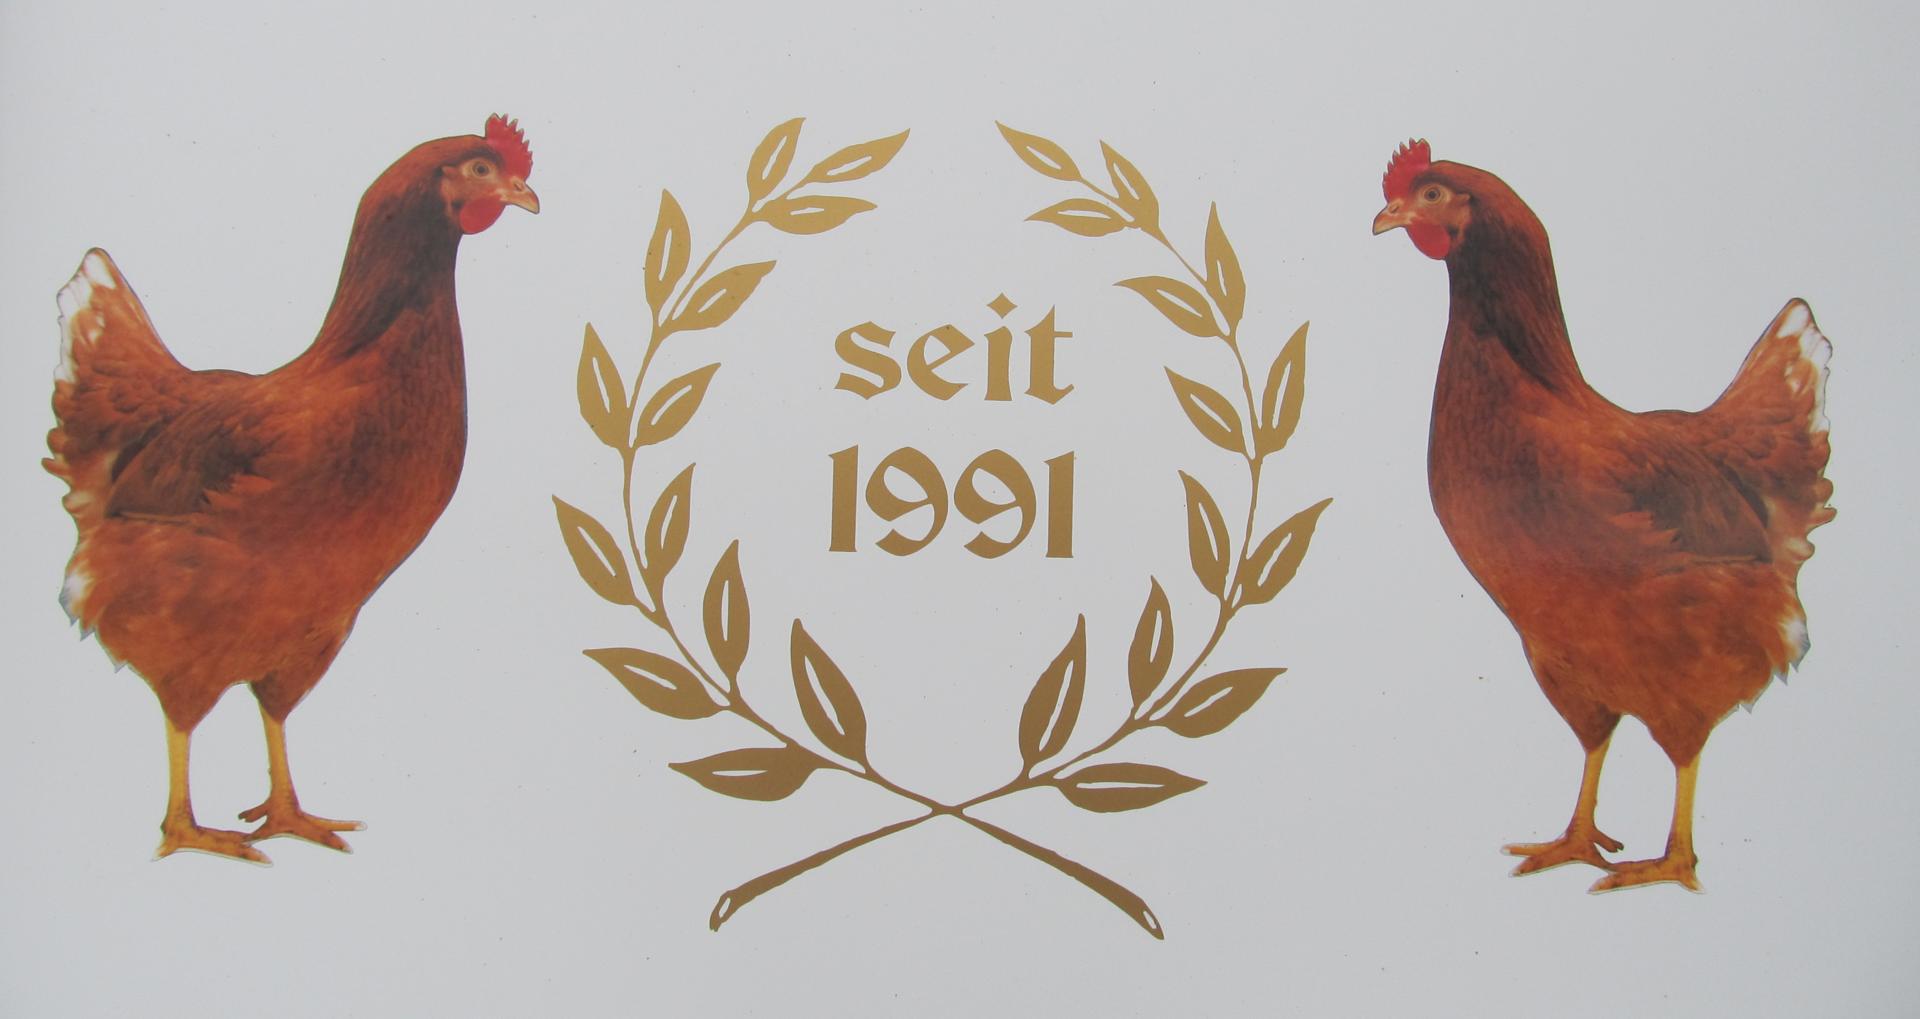 Seit 1991